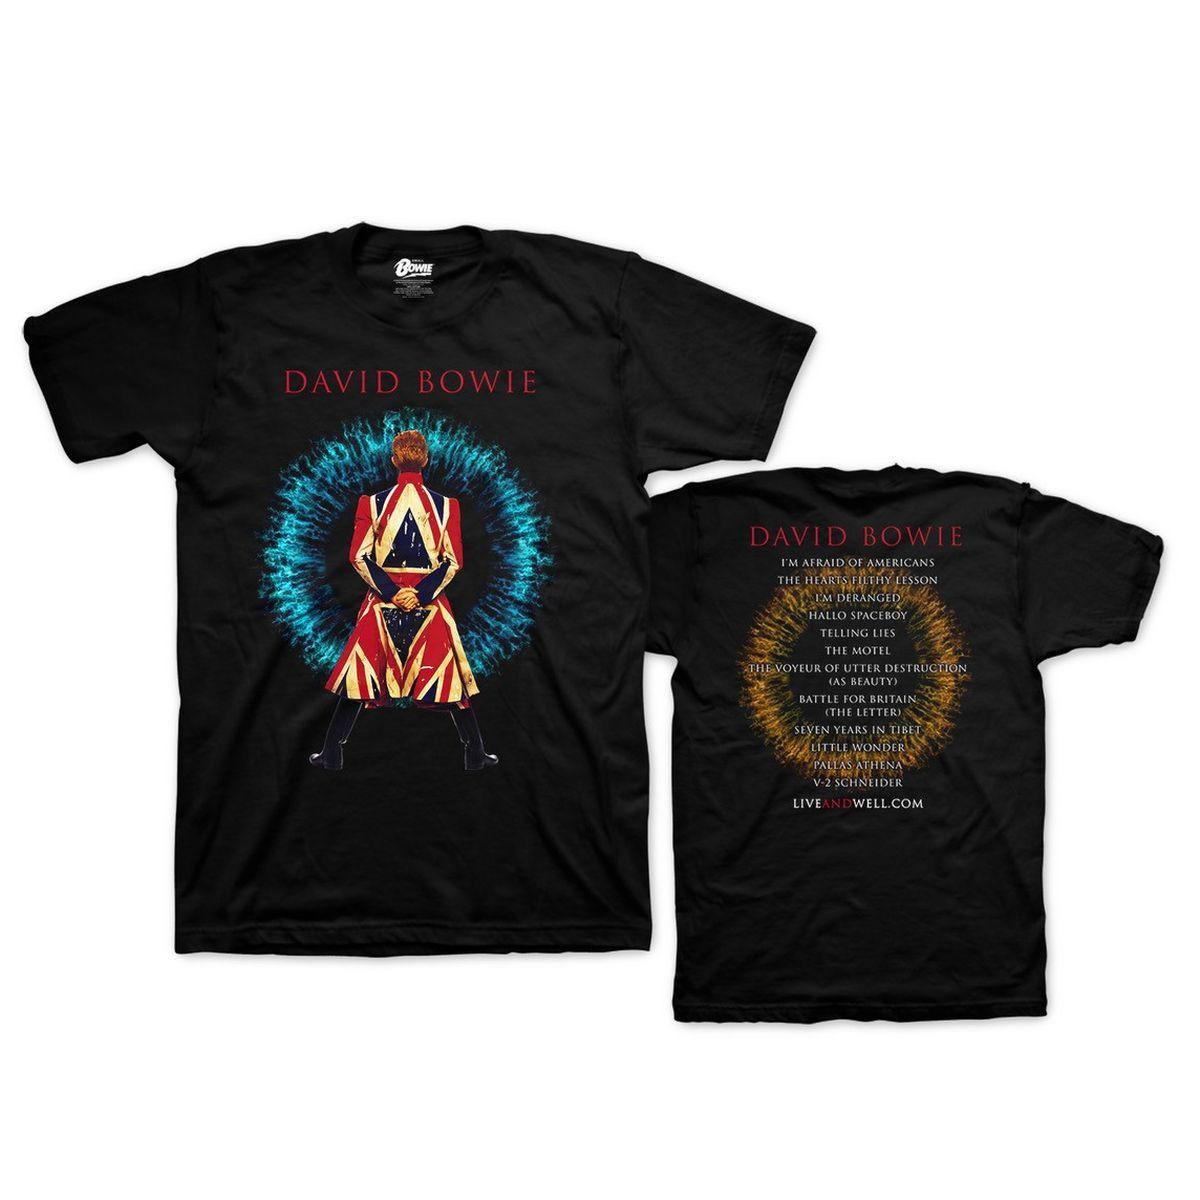 LiveAndWell.com T-shirt